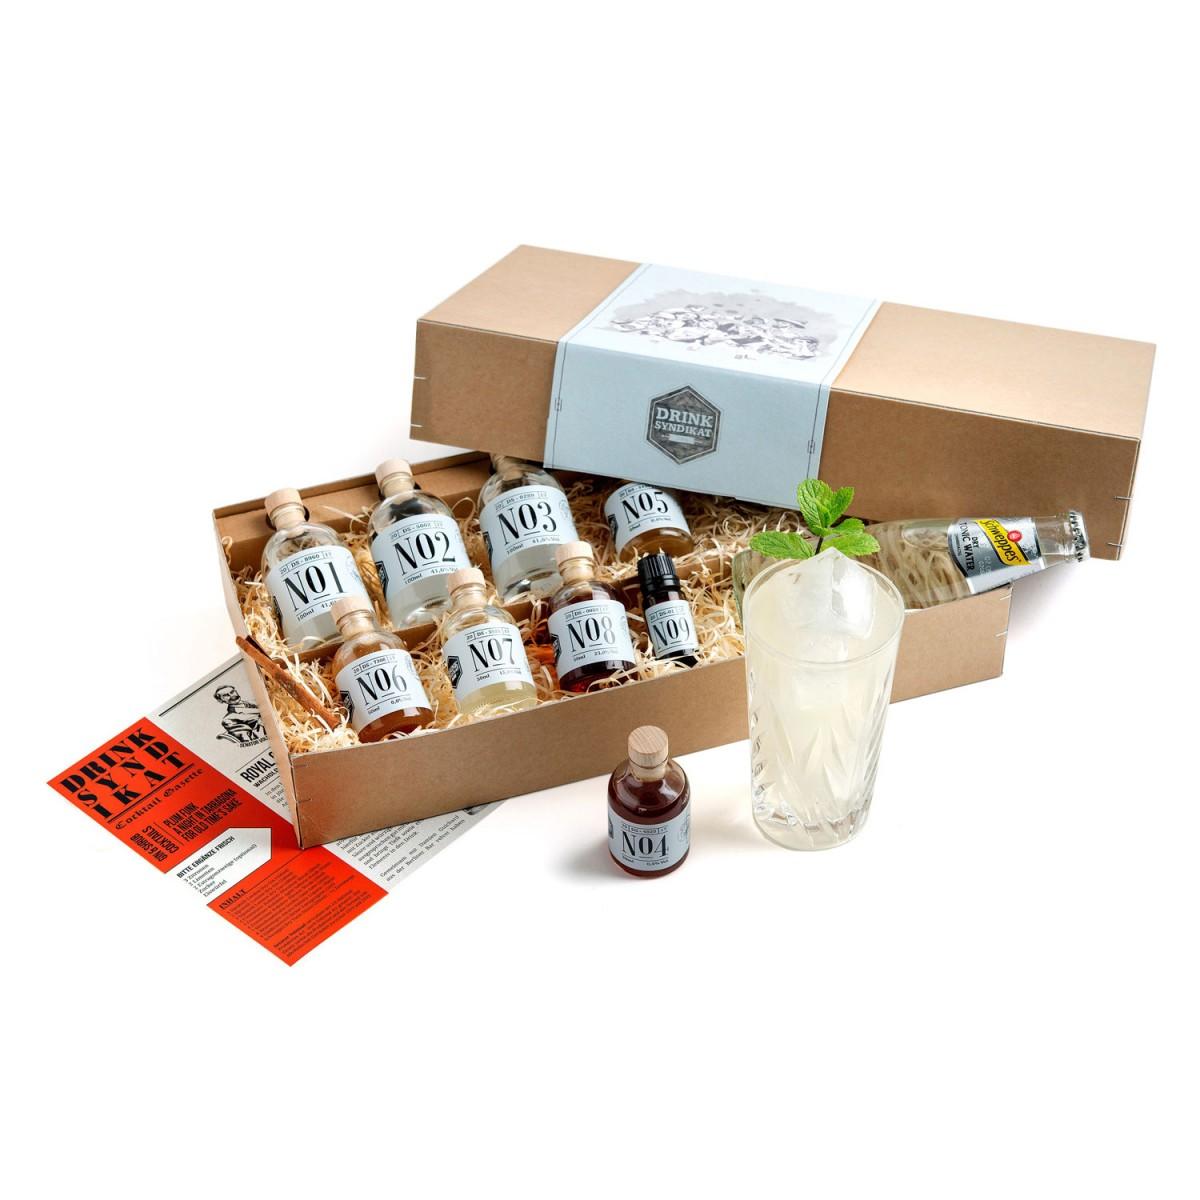 Royal Gin Expedition - Gin Cocktail-Kit mit Zutaten und Rezepten